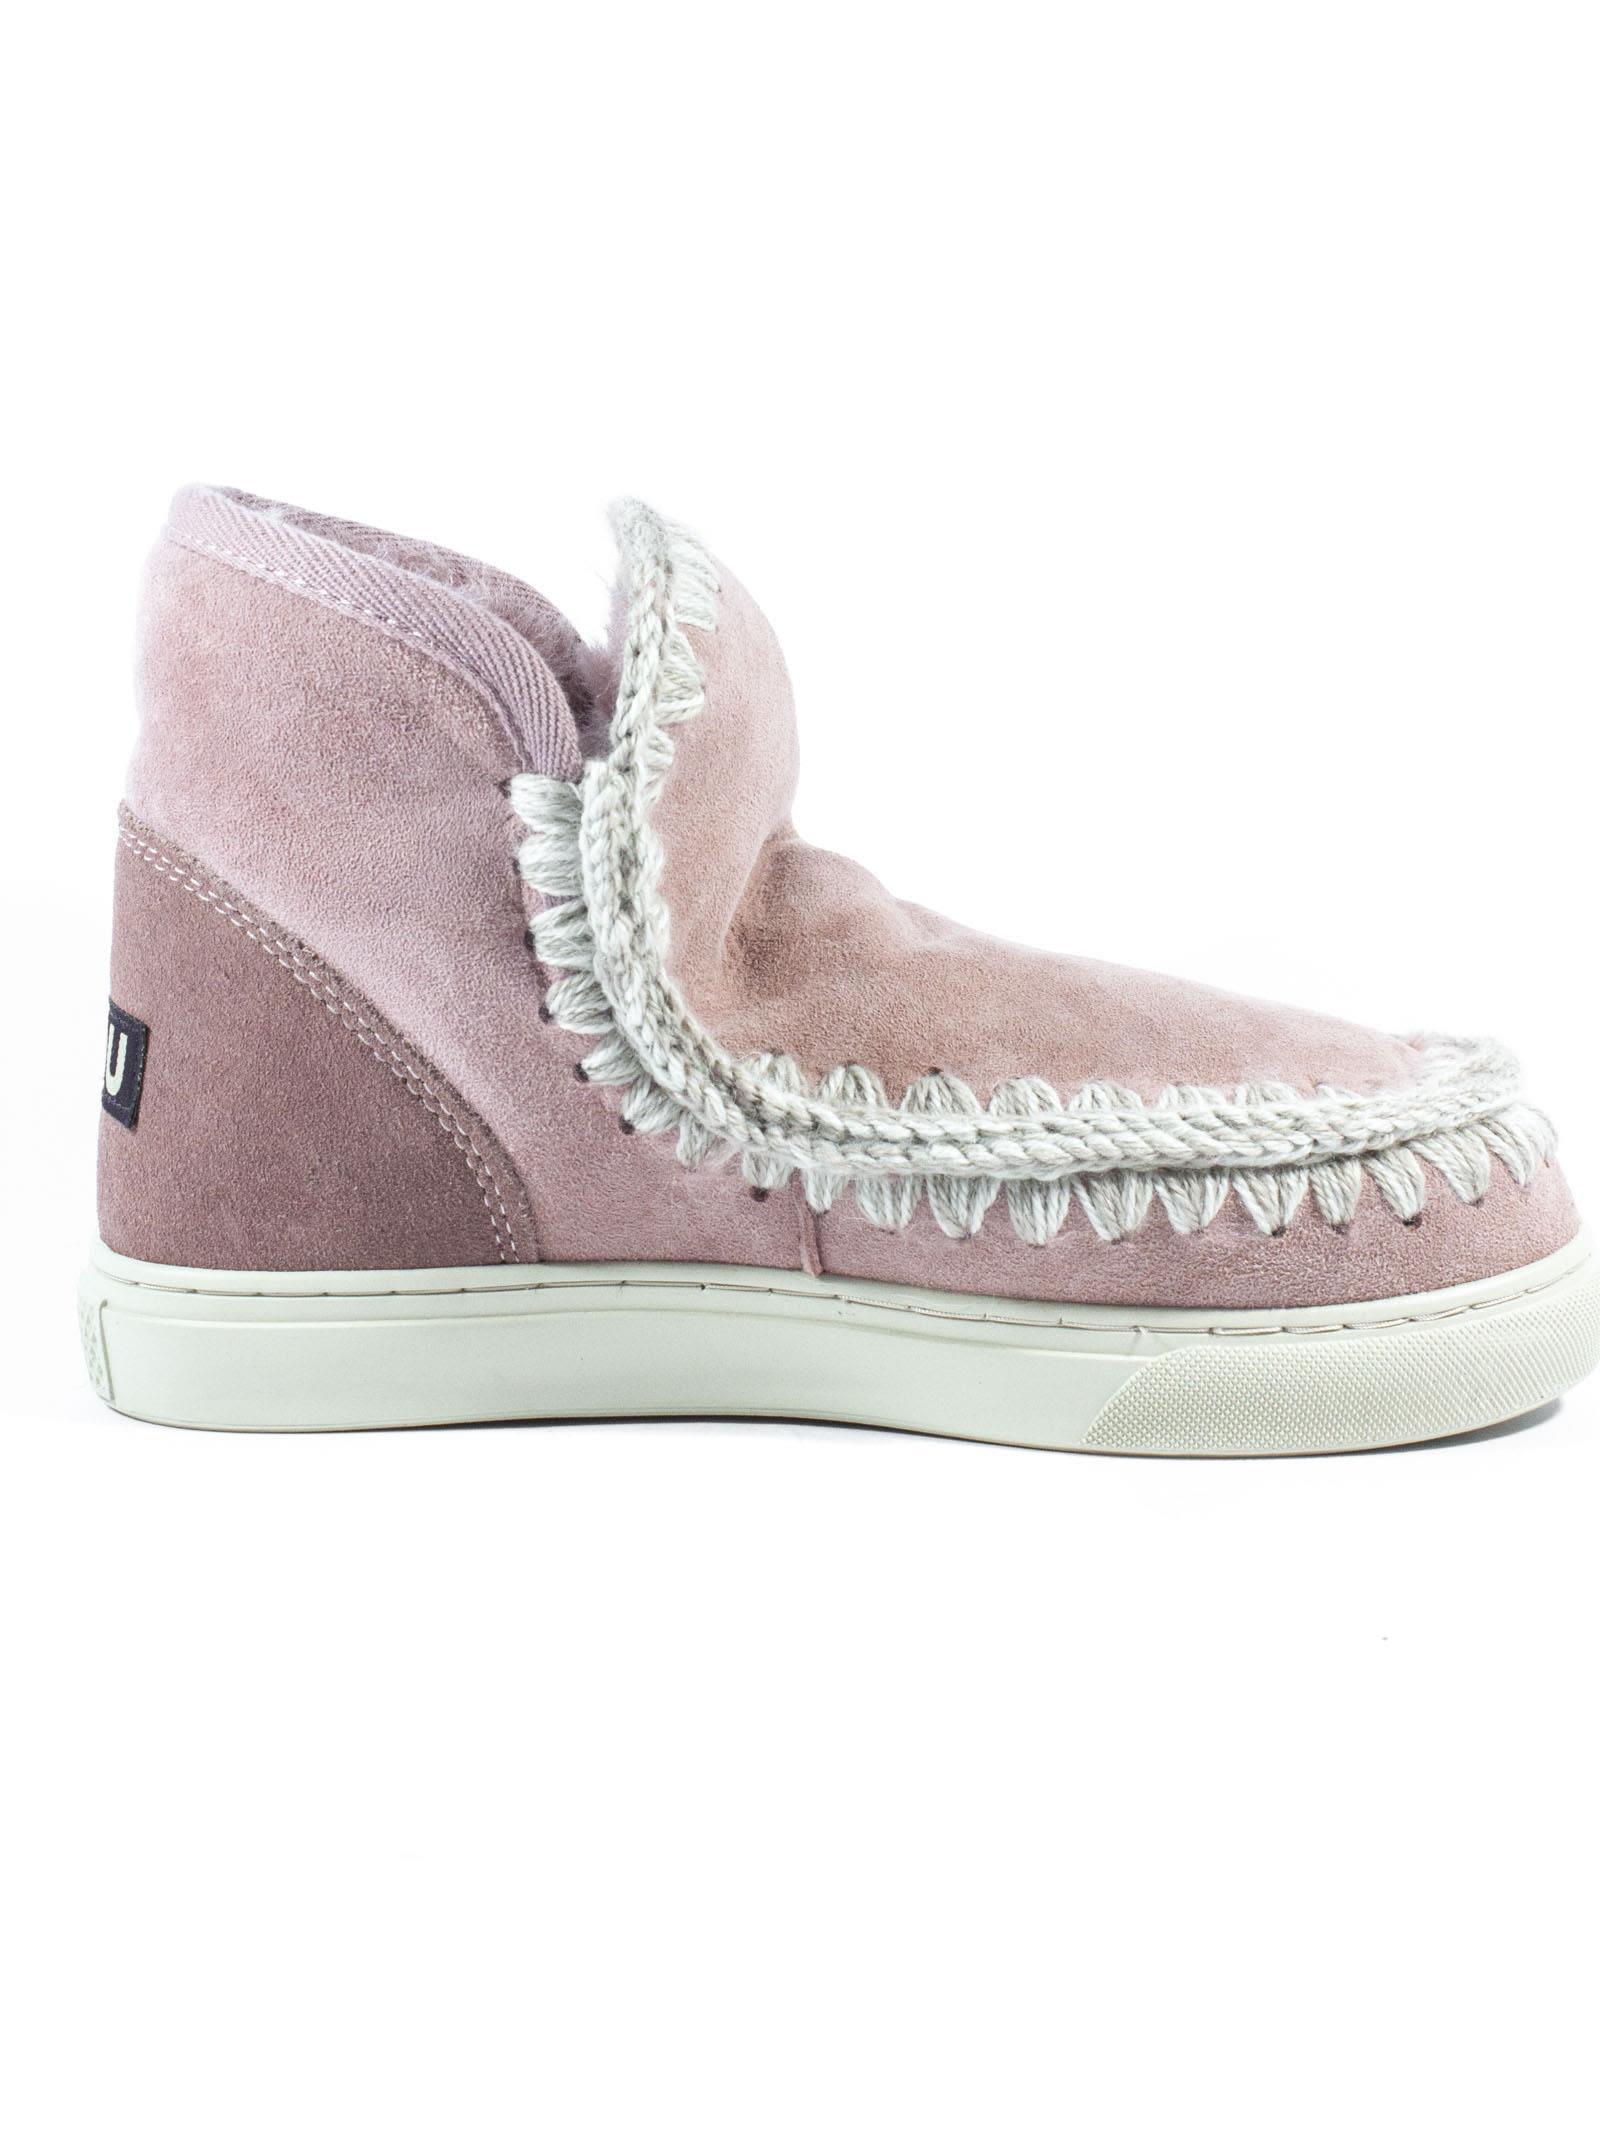 MOU Eskimo Sneaker In Antique Pink Sheepskin